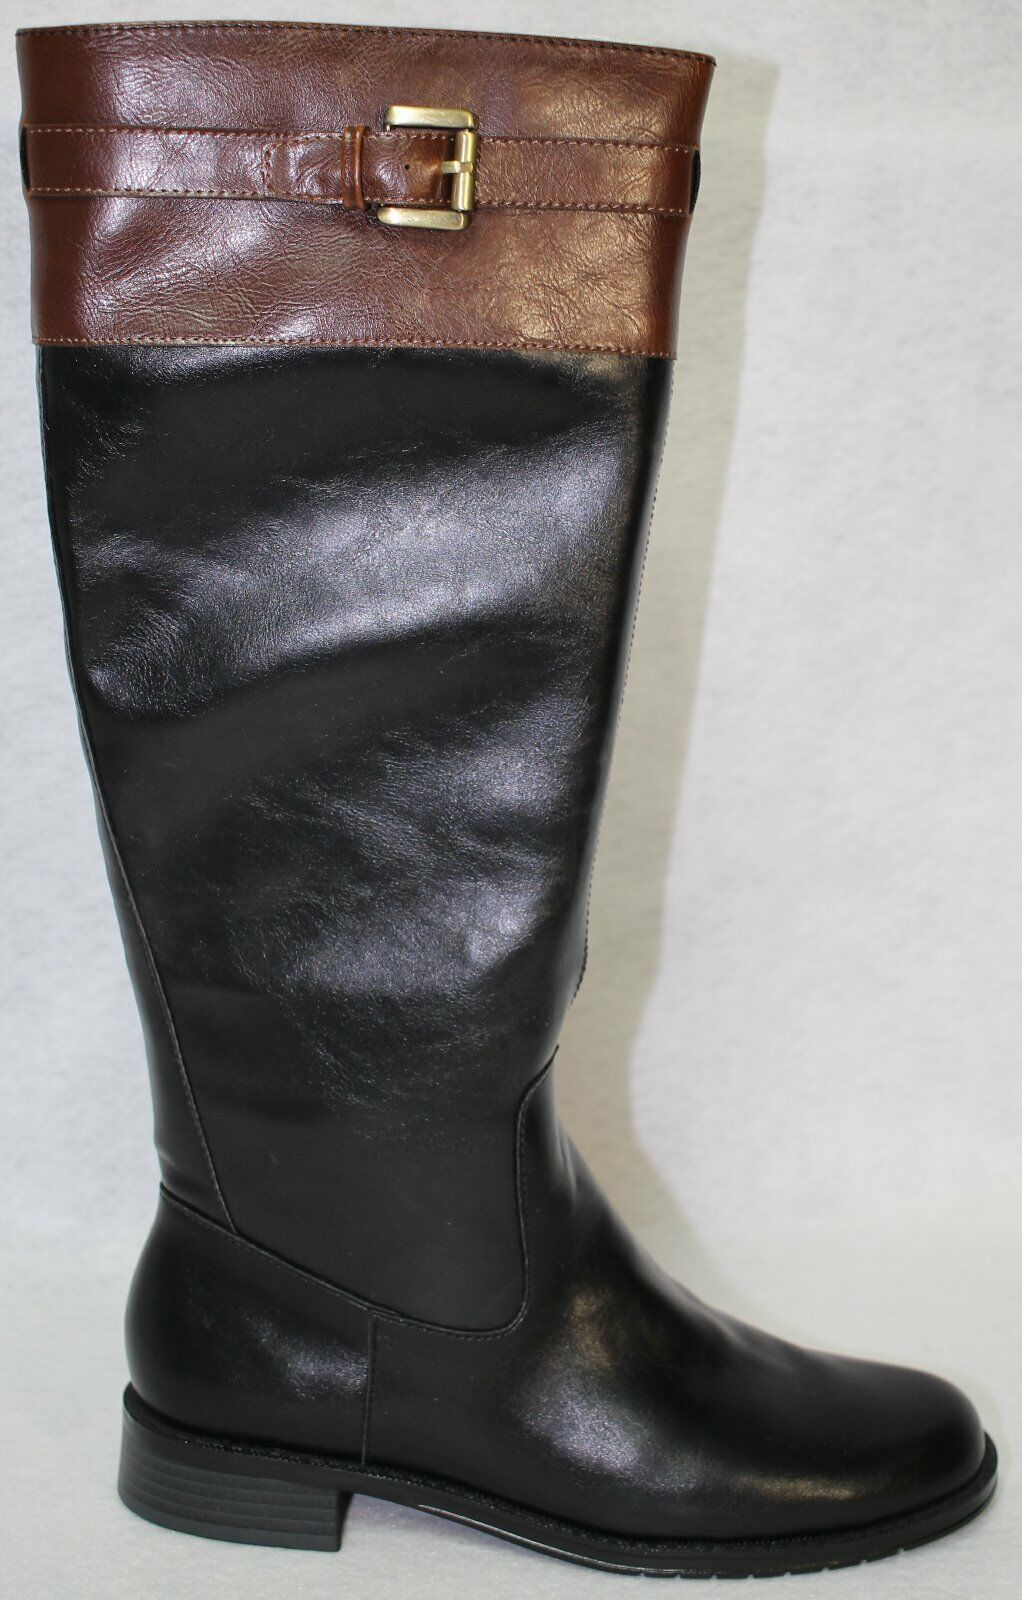 A2 by Aerosoles New High Ride nero donna scarpe Dimensione 7.5 M stivali MSRP  100.00